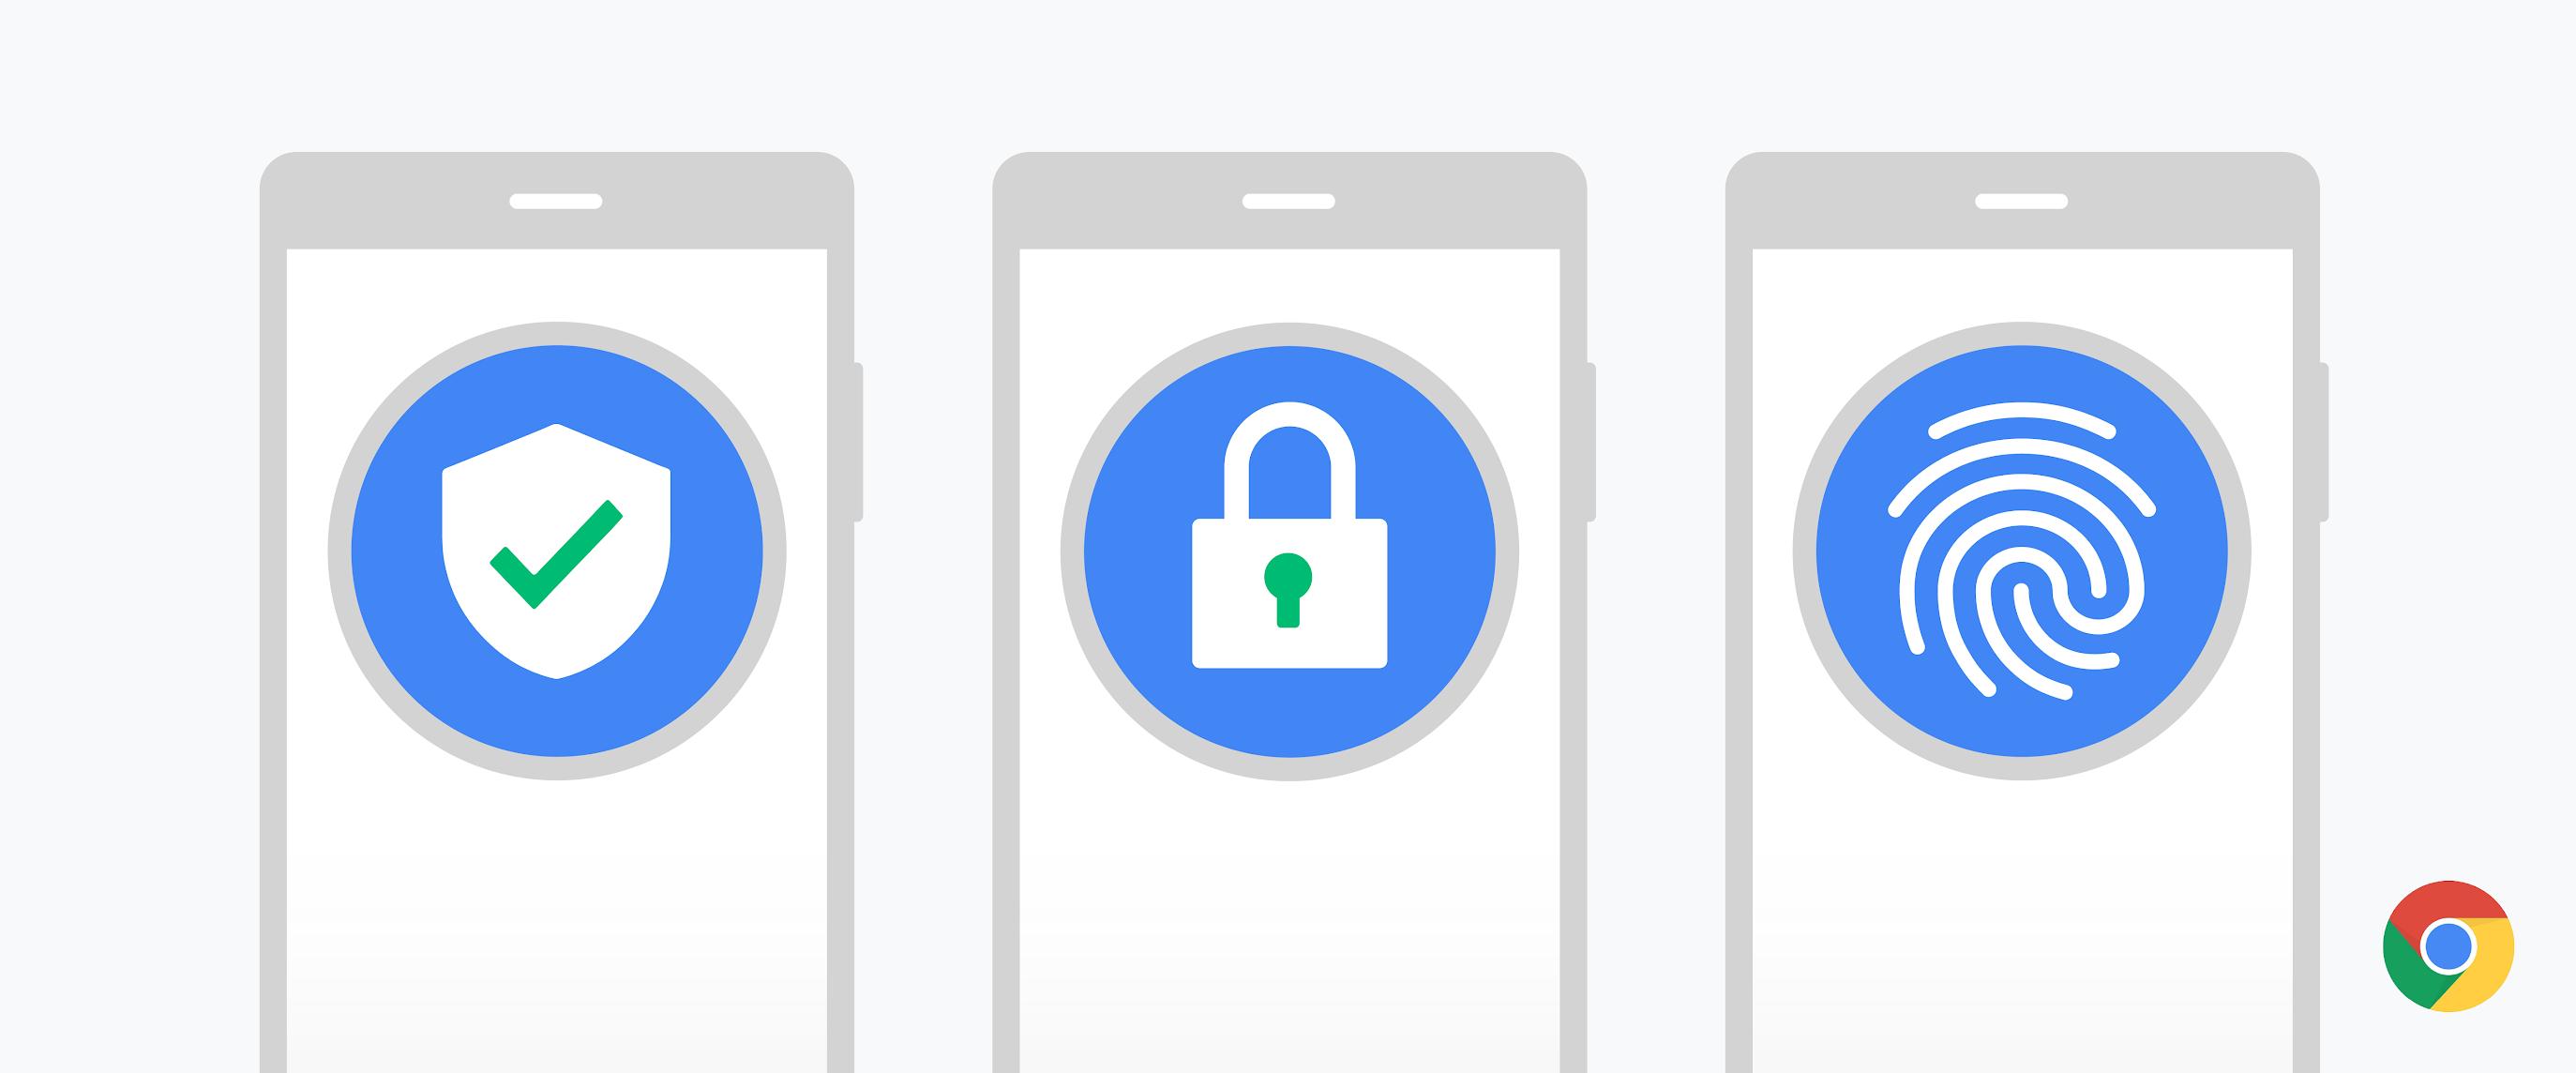 Chome 86 disponibile con più sicurezza per le password su Android e iOS